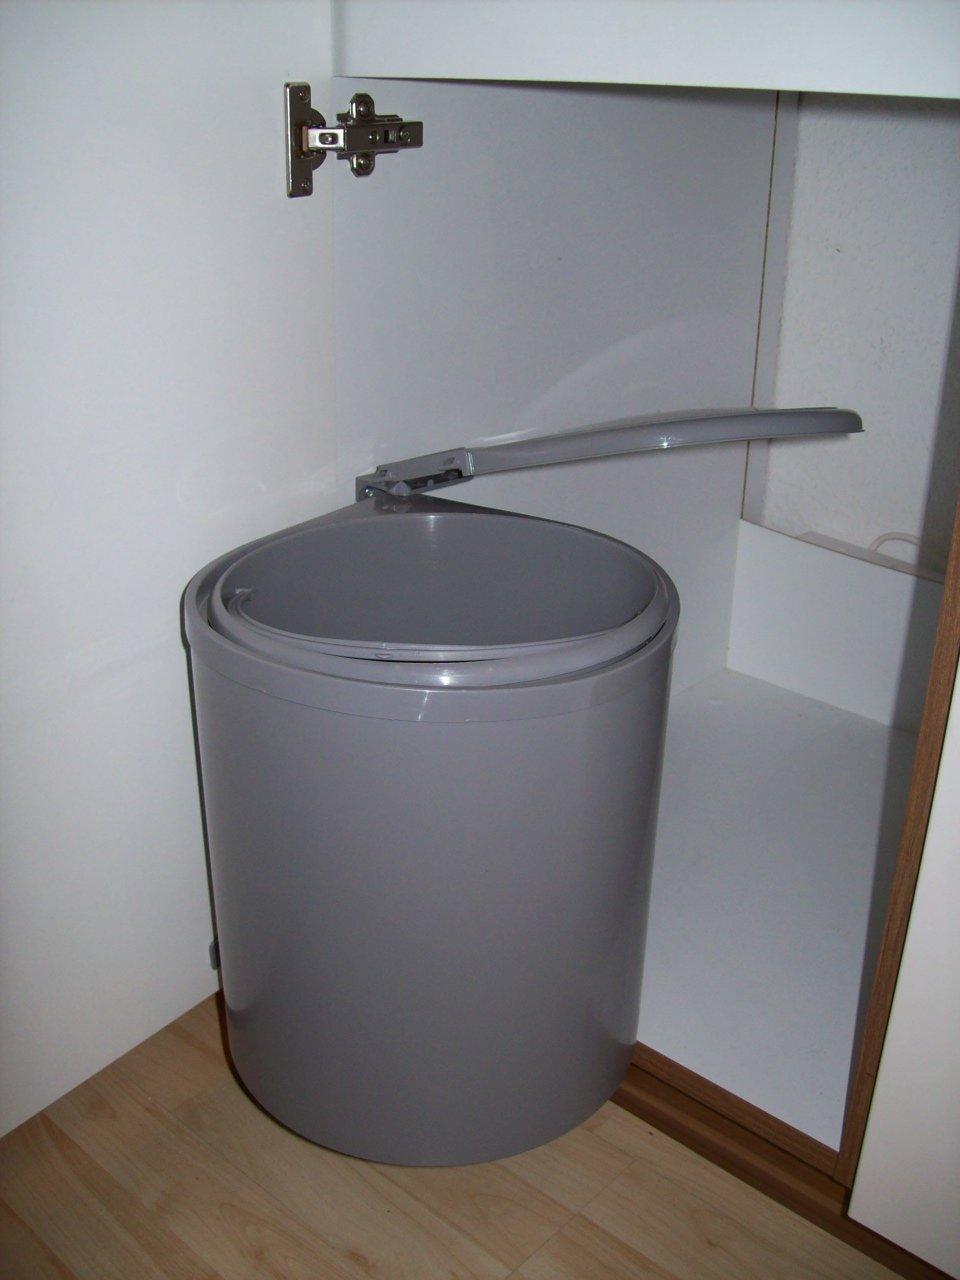 Einbau Abfallsammler, Facile grau, 12 Liter, Küchen Mülleimer, rund ...